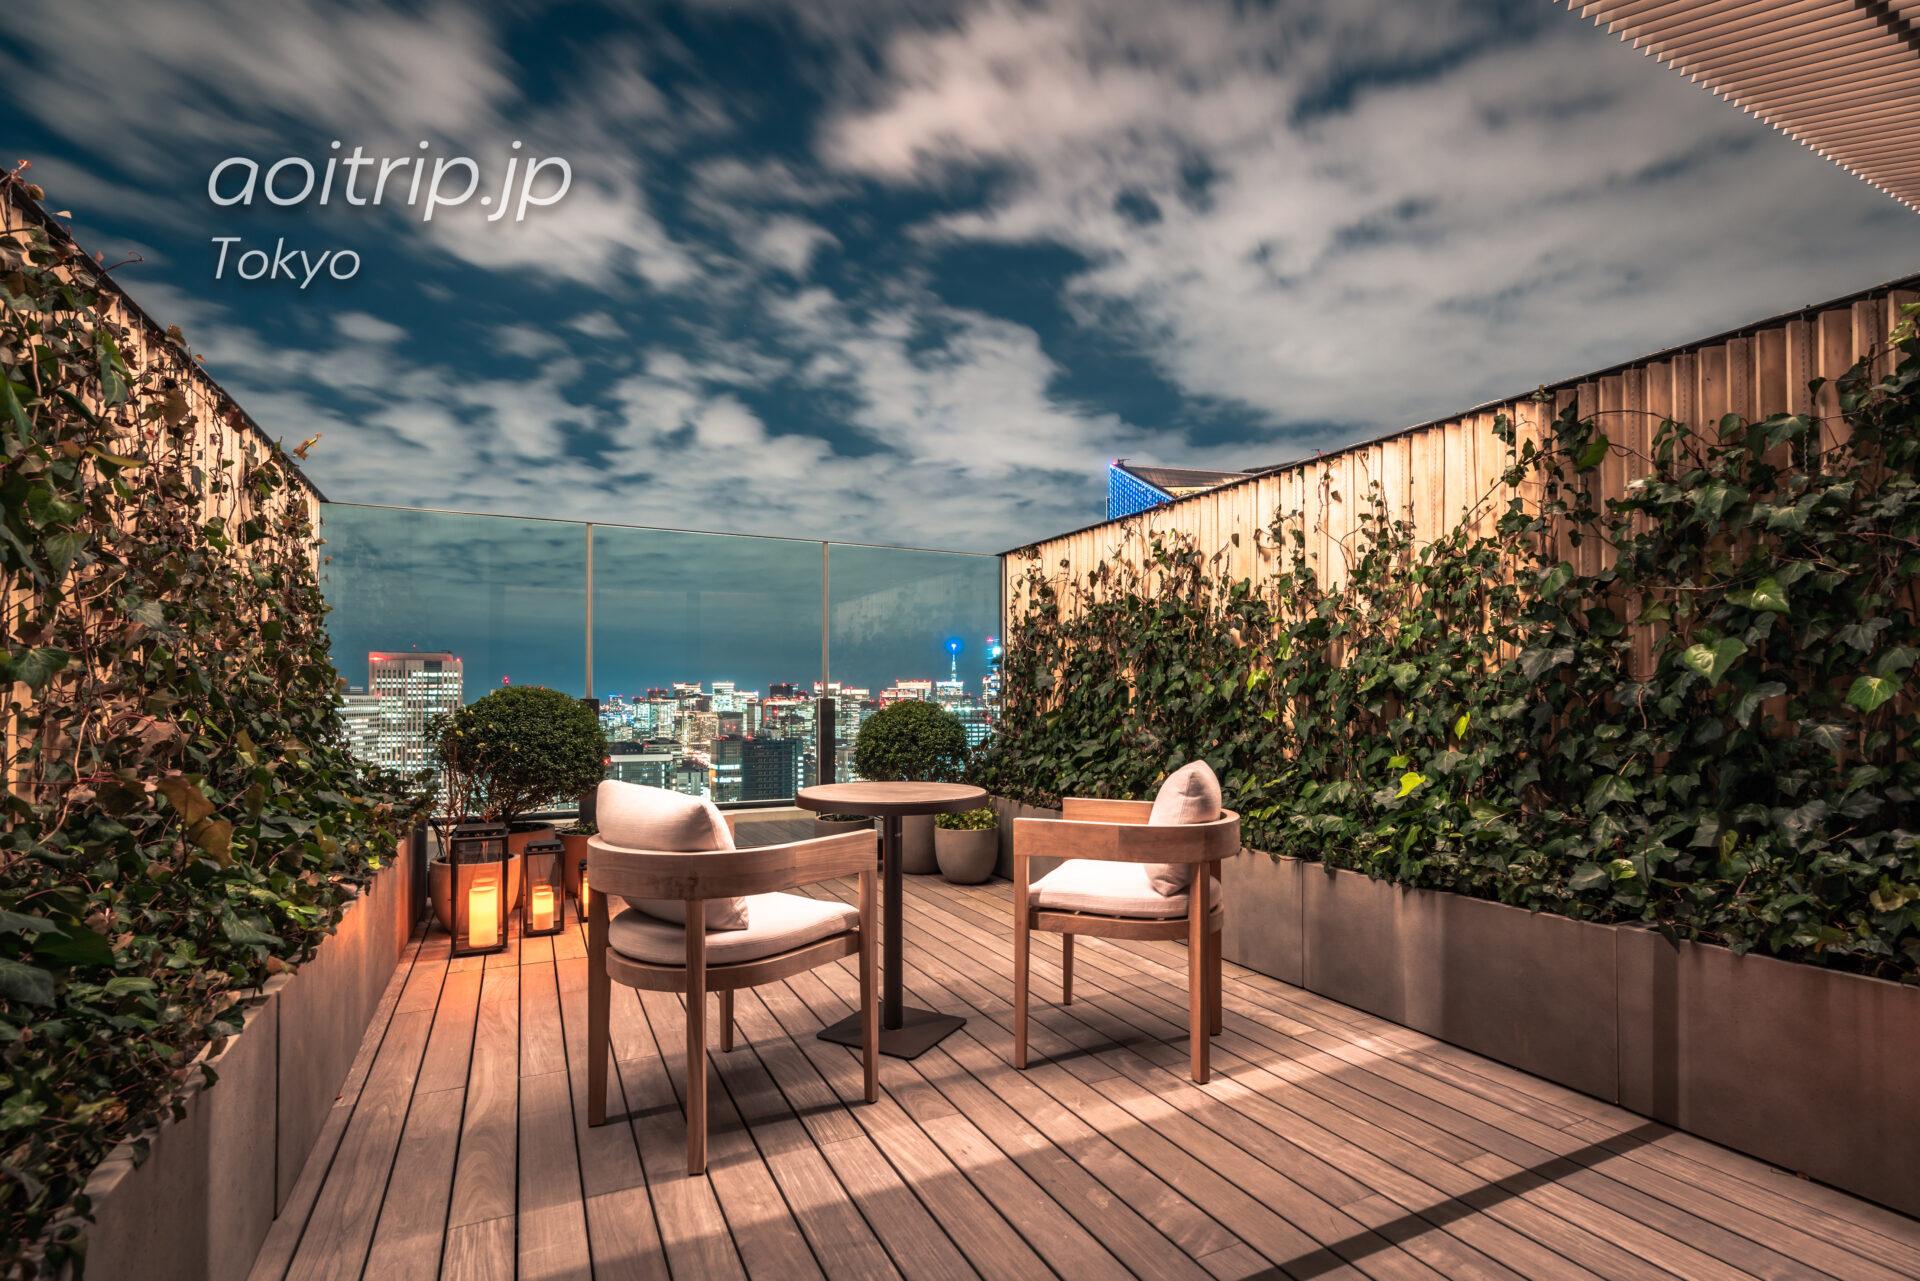 東京エディション虎ノ門 宿泊記|The Tokyo Edition Toranomon スタジオ テラス キング Studio Terrace, King